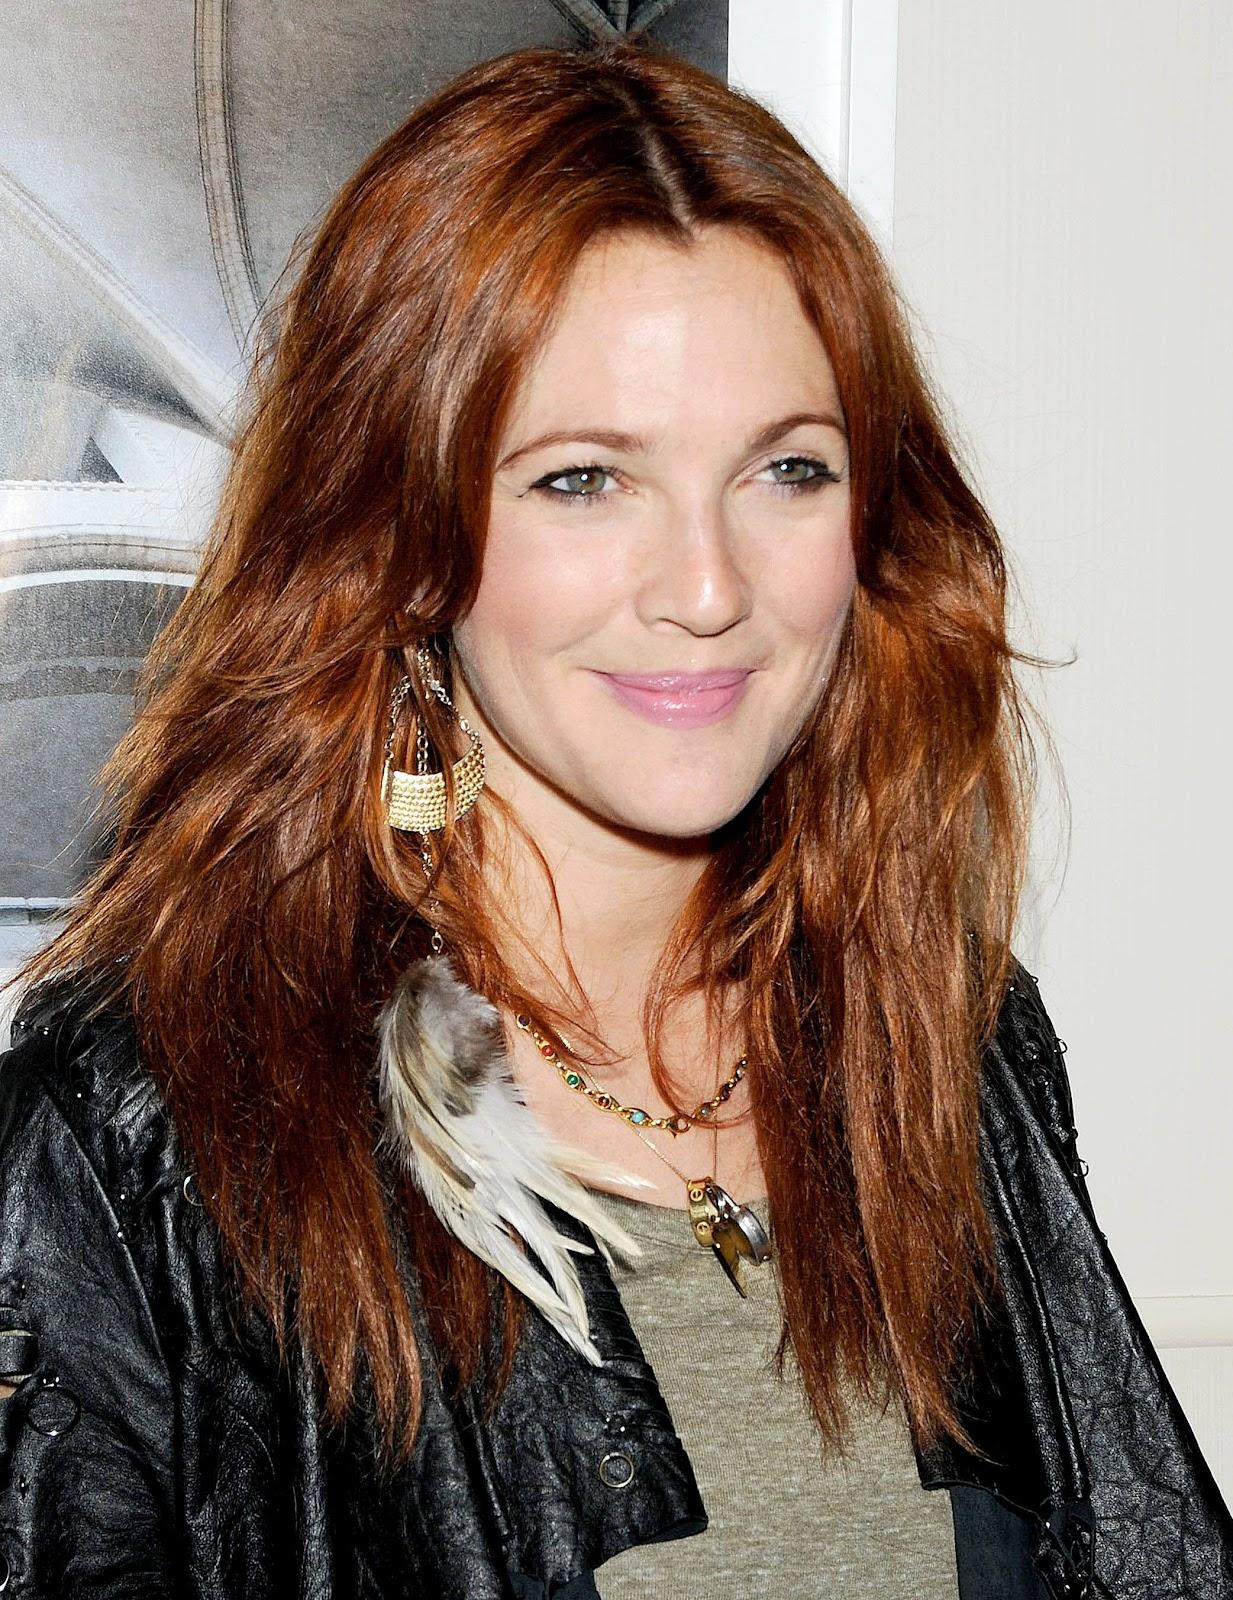 http://3.bp.blogspot.com/-wl_gNQtXutU/T-YyvPSAurI/AAAAAAAAAXY/9vbNhWdCZ20/s1600/drew+barrymore+red+hair+Color+Formula.jpg